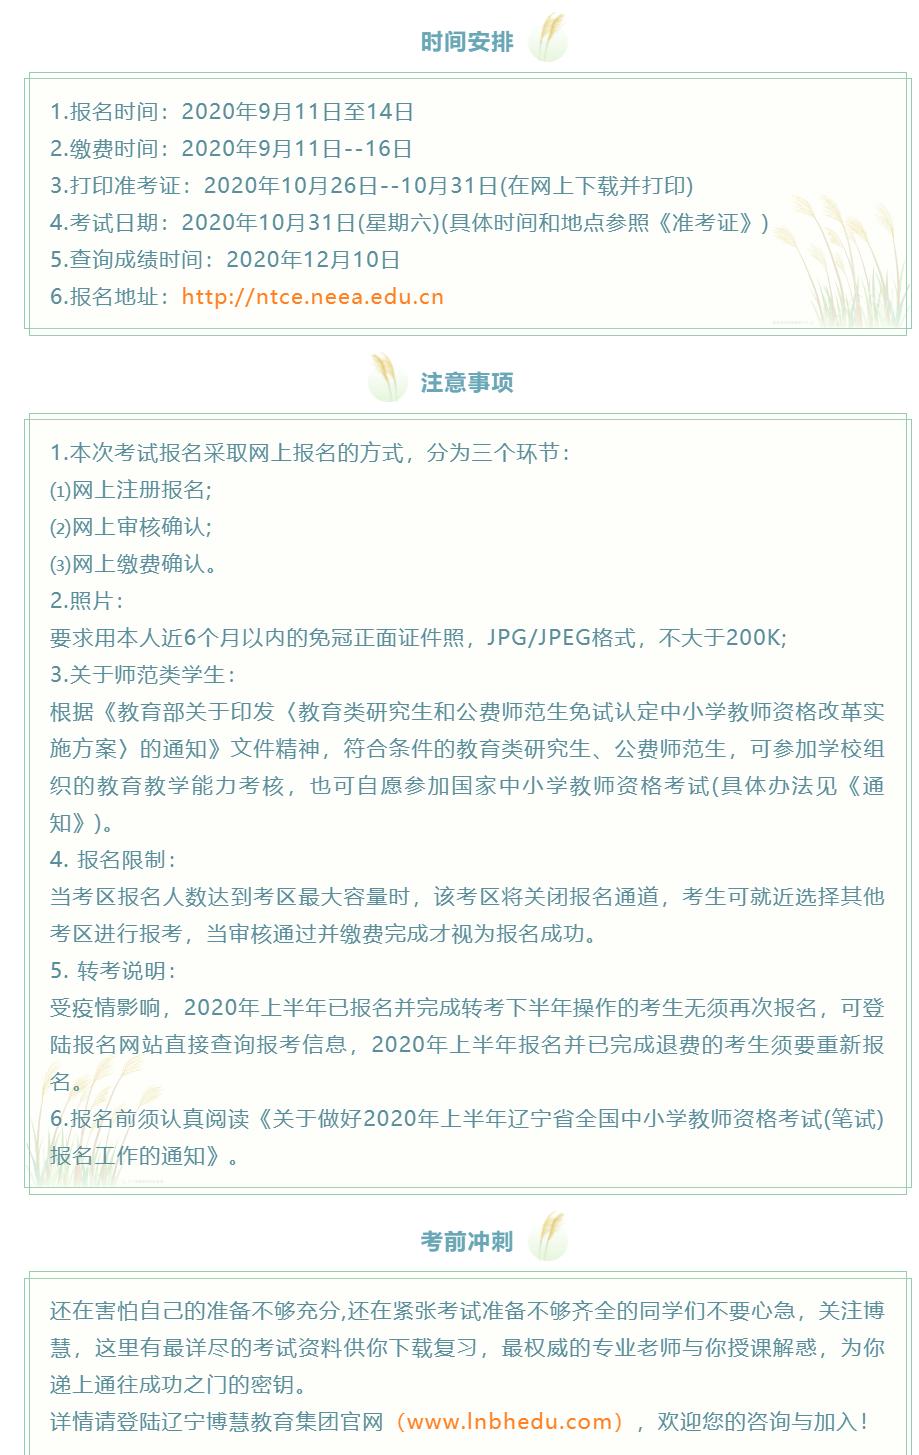 辽宁省2020年下半年全国教师资格考试(笔试)报名通知